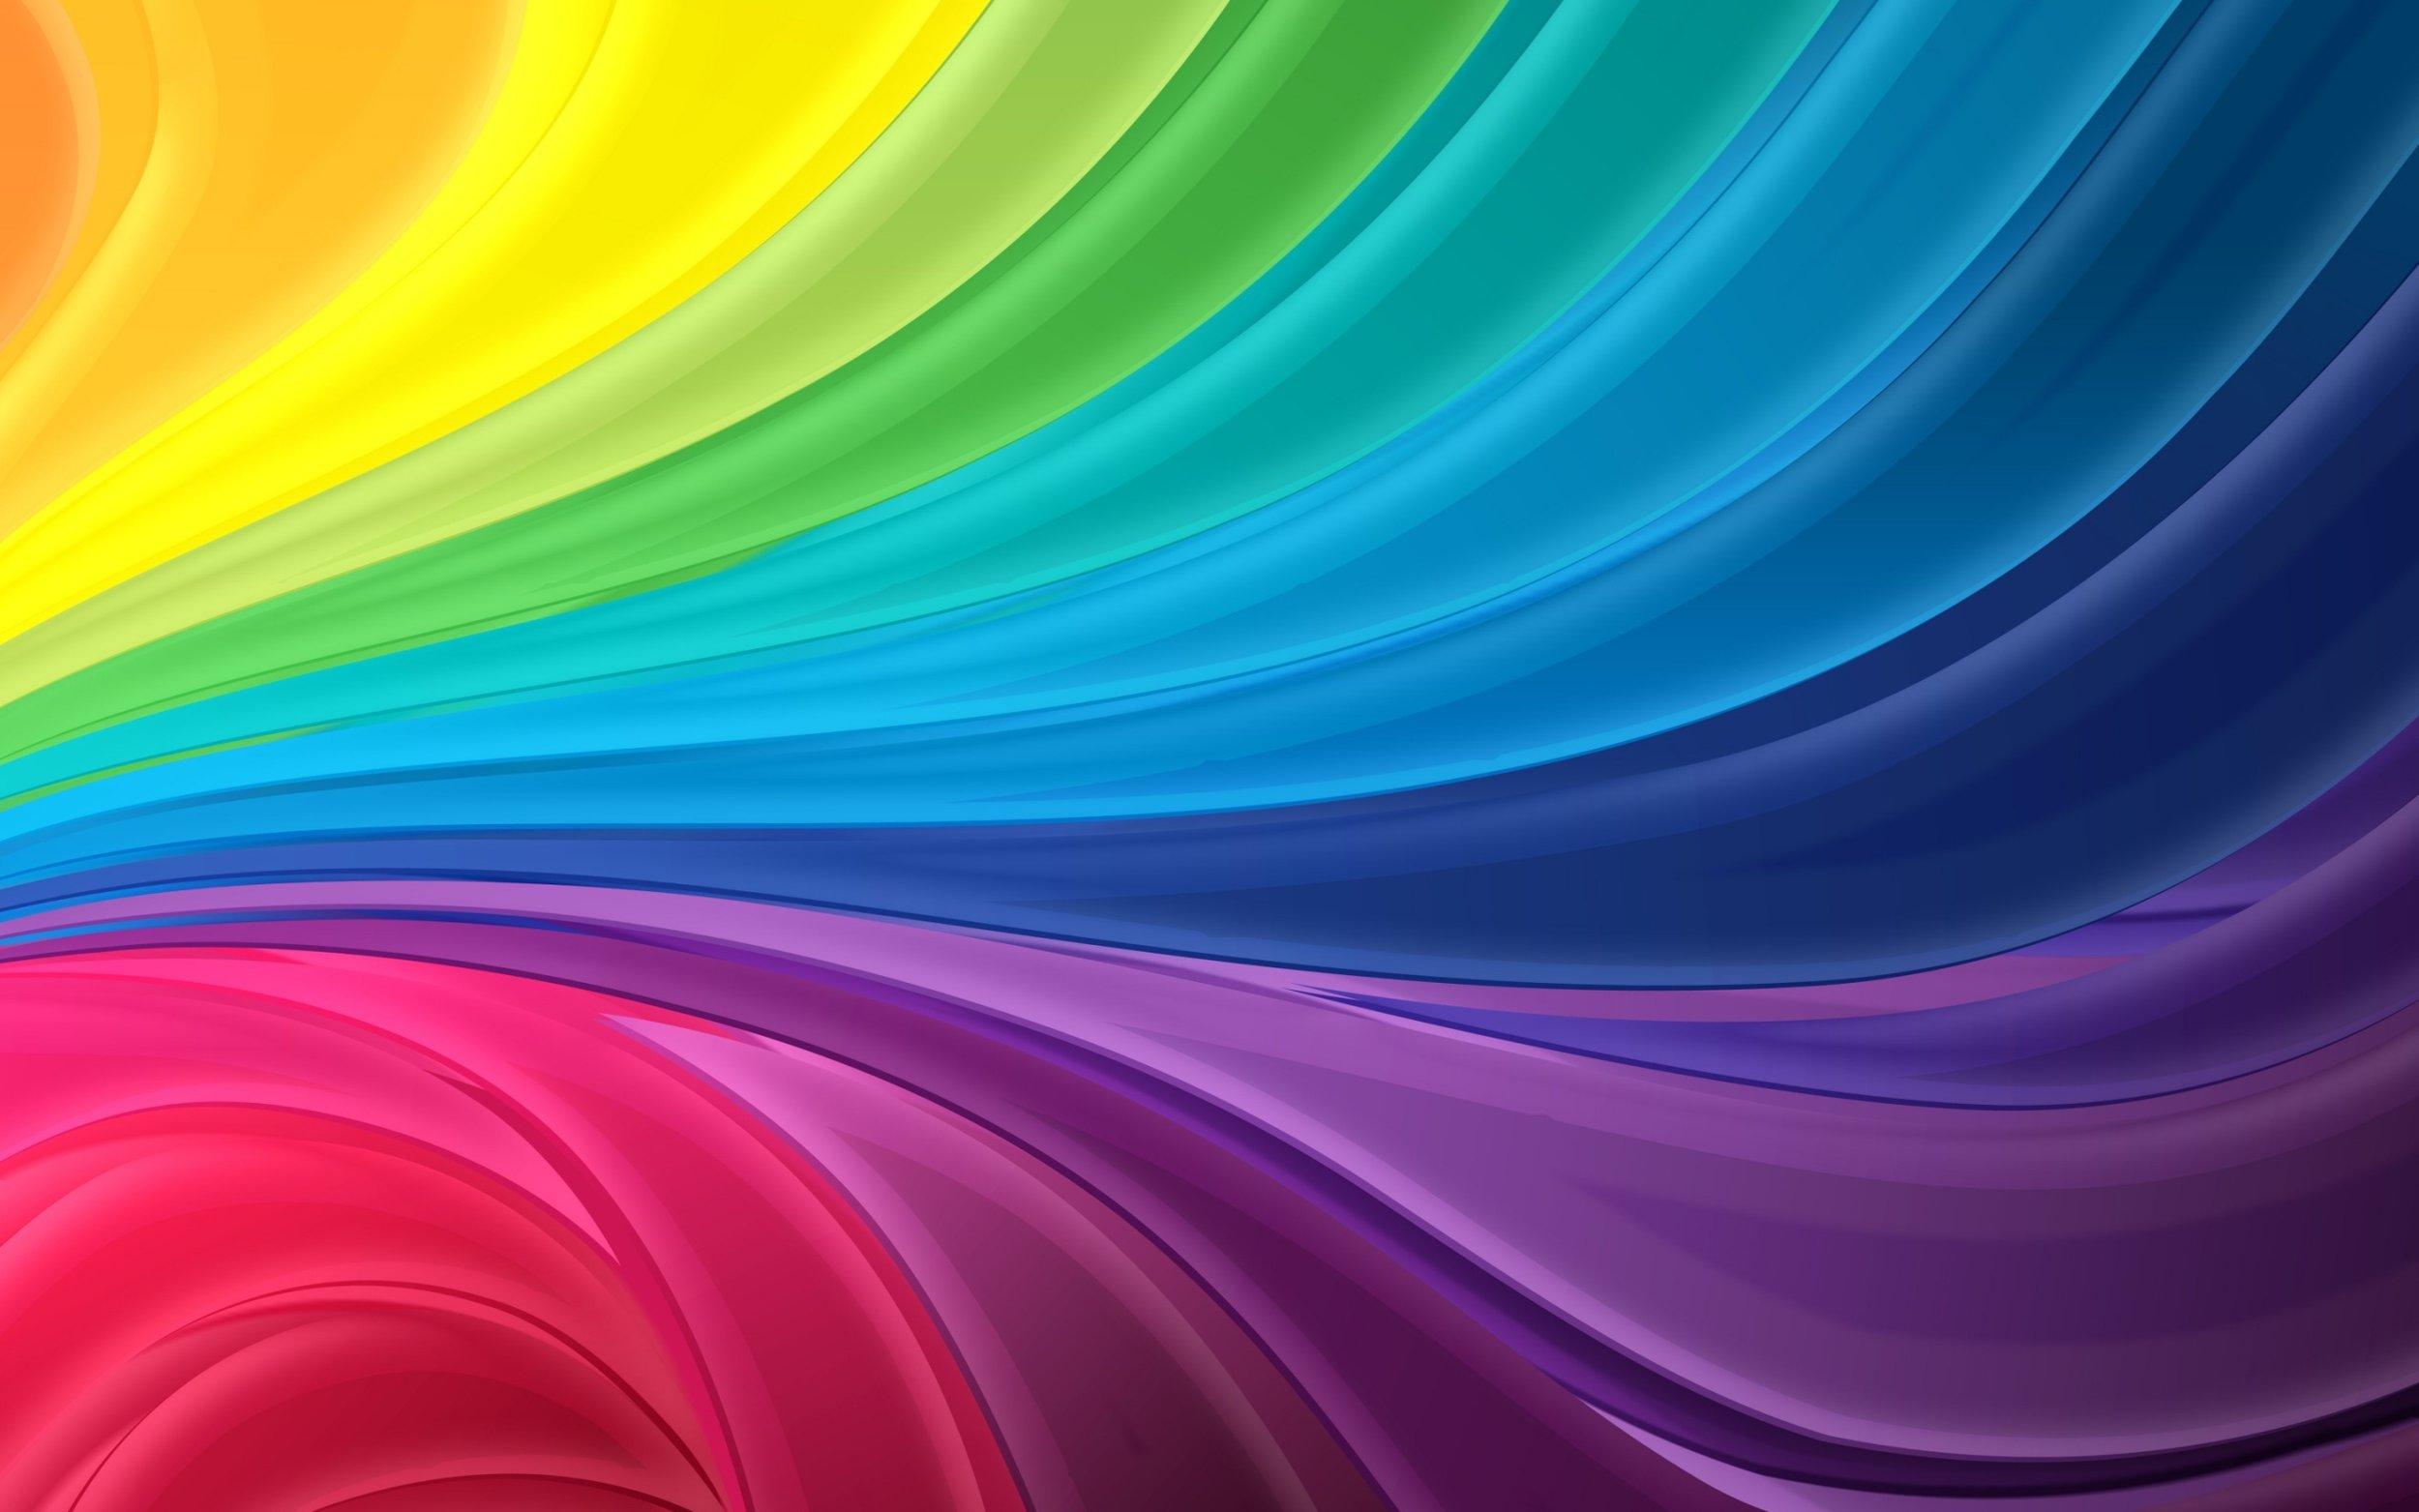 3931258-wallpaper-colors.jpg